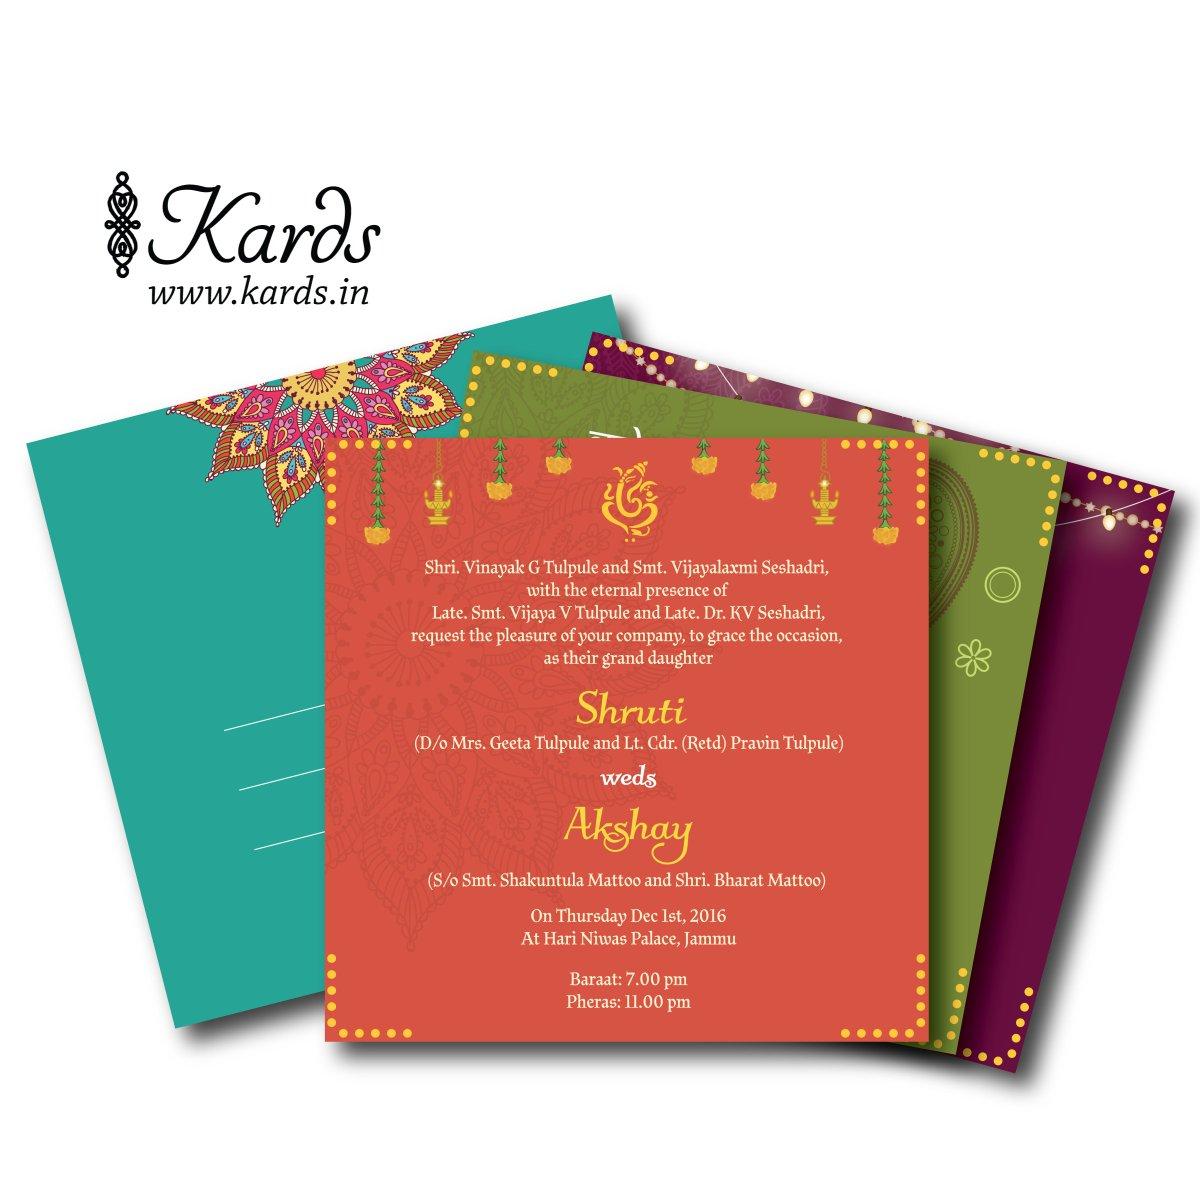 Kards Wedding Invita (@kards_in) | Twitter